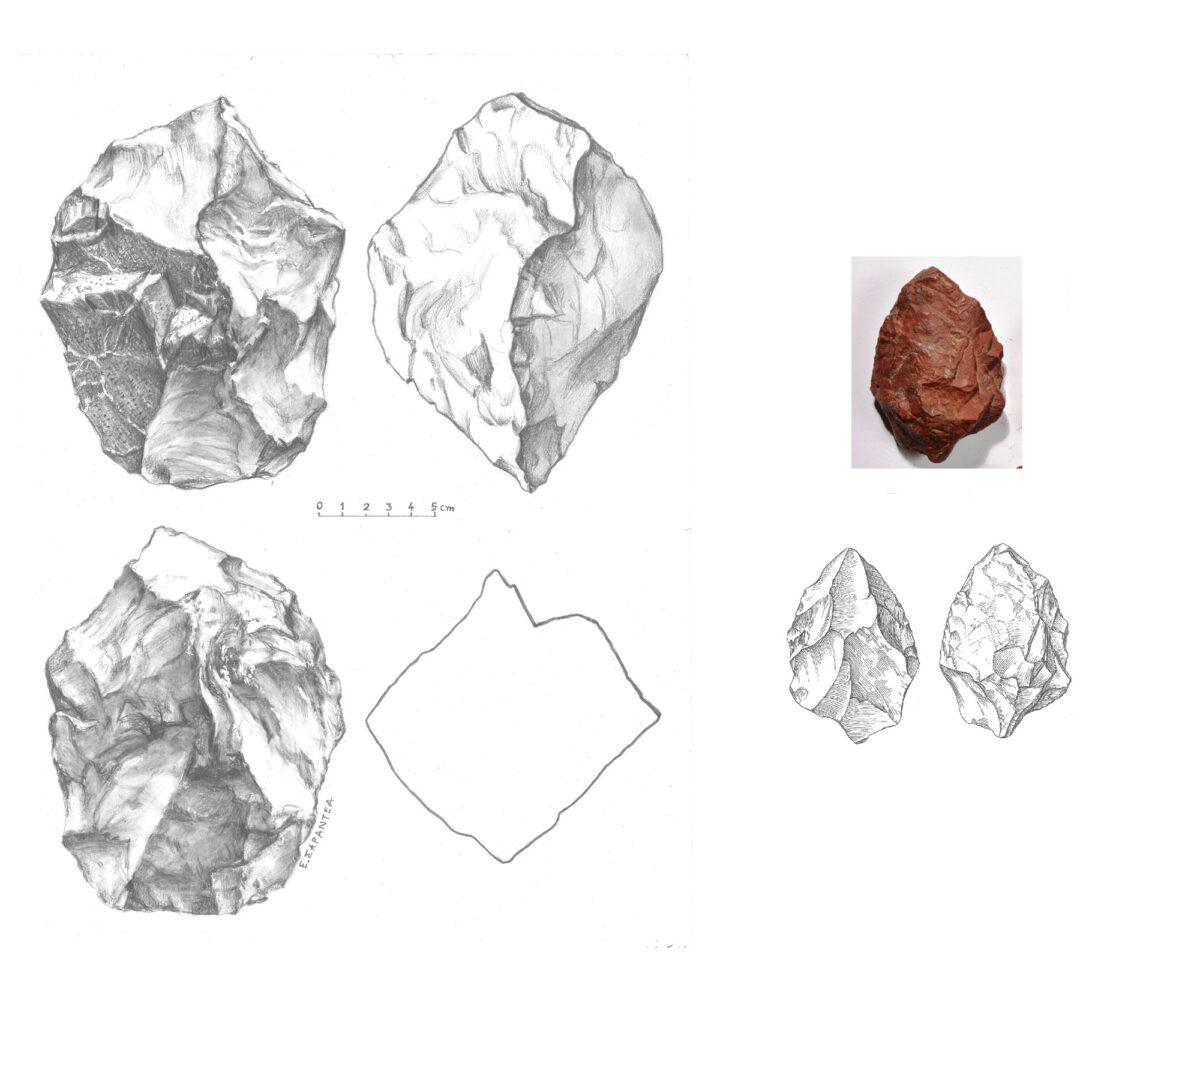 Εικ. 8. Αριστερά, ογκώδης χειροπέλεκυς (;) (handaxe;) μήκους 16,5 εκ., βάρους 2.360 γρ., με περίπου τετράγωνη τομή 13x12,5 εκ., κυματοειδή ακμή και τον φλοιό του πετρώματος στη μια όψη. Δεξιά, αμυγδαλόσχημος χειροπέλεκυς (handaxe) μήκους 9,2 εκ., πάχους 3,4 εκ. Από το νότιο Βολέρι (φωτ.: Βασ. Νίκας, σχέδια: Ε. Σαραντέα-Μίχα).